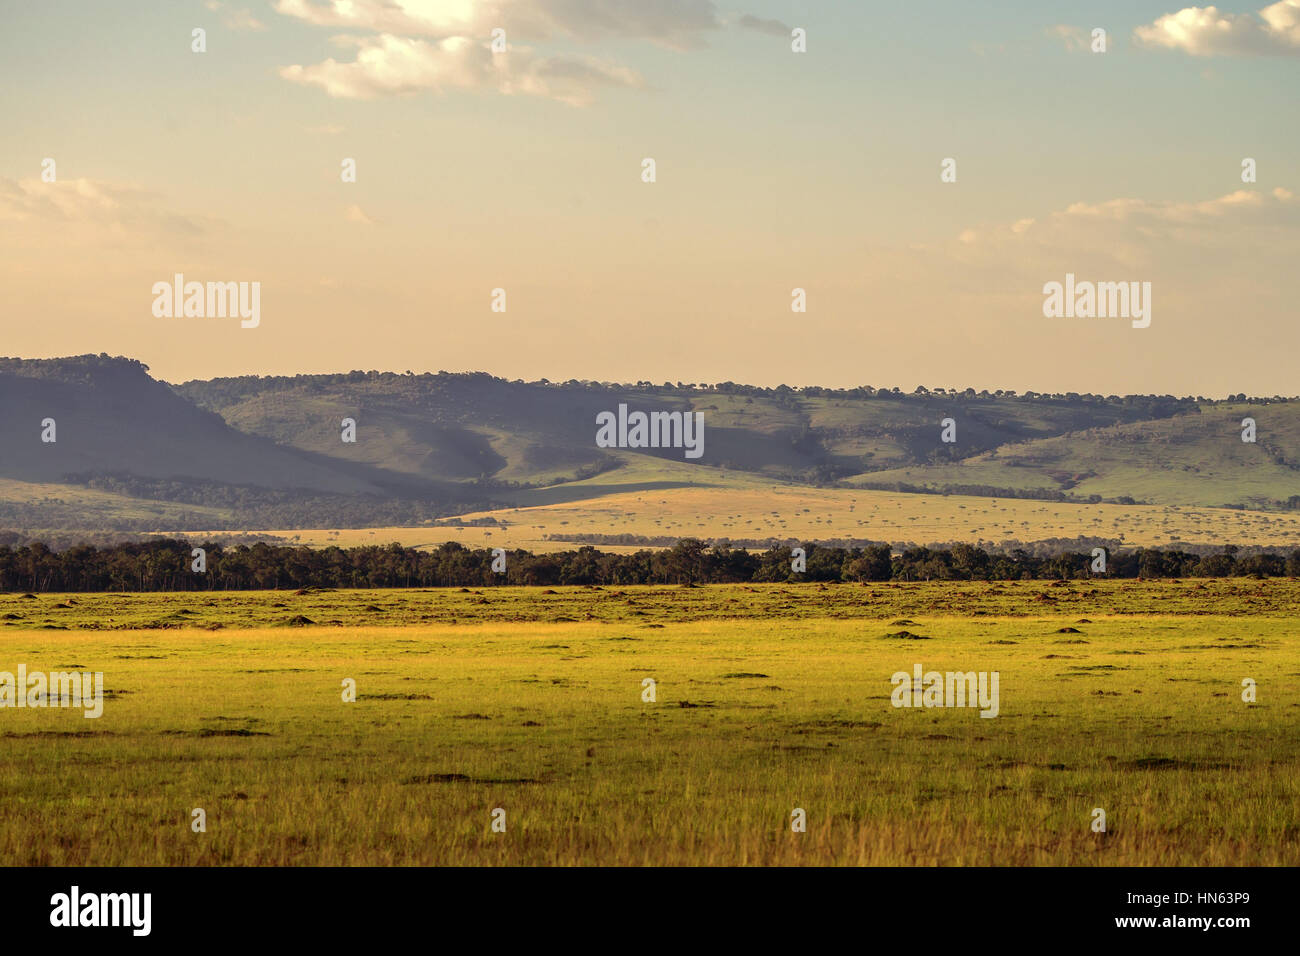 Pintoresco paisaje de sabana africana Maasai Mara, Kenia Imagen De Stock